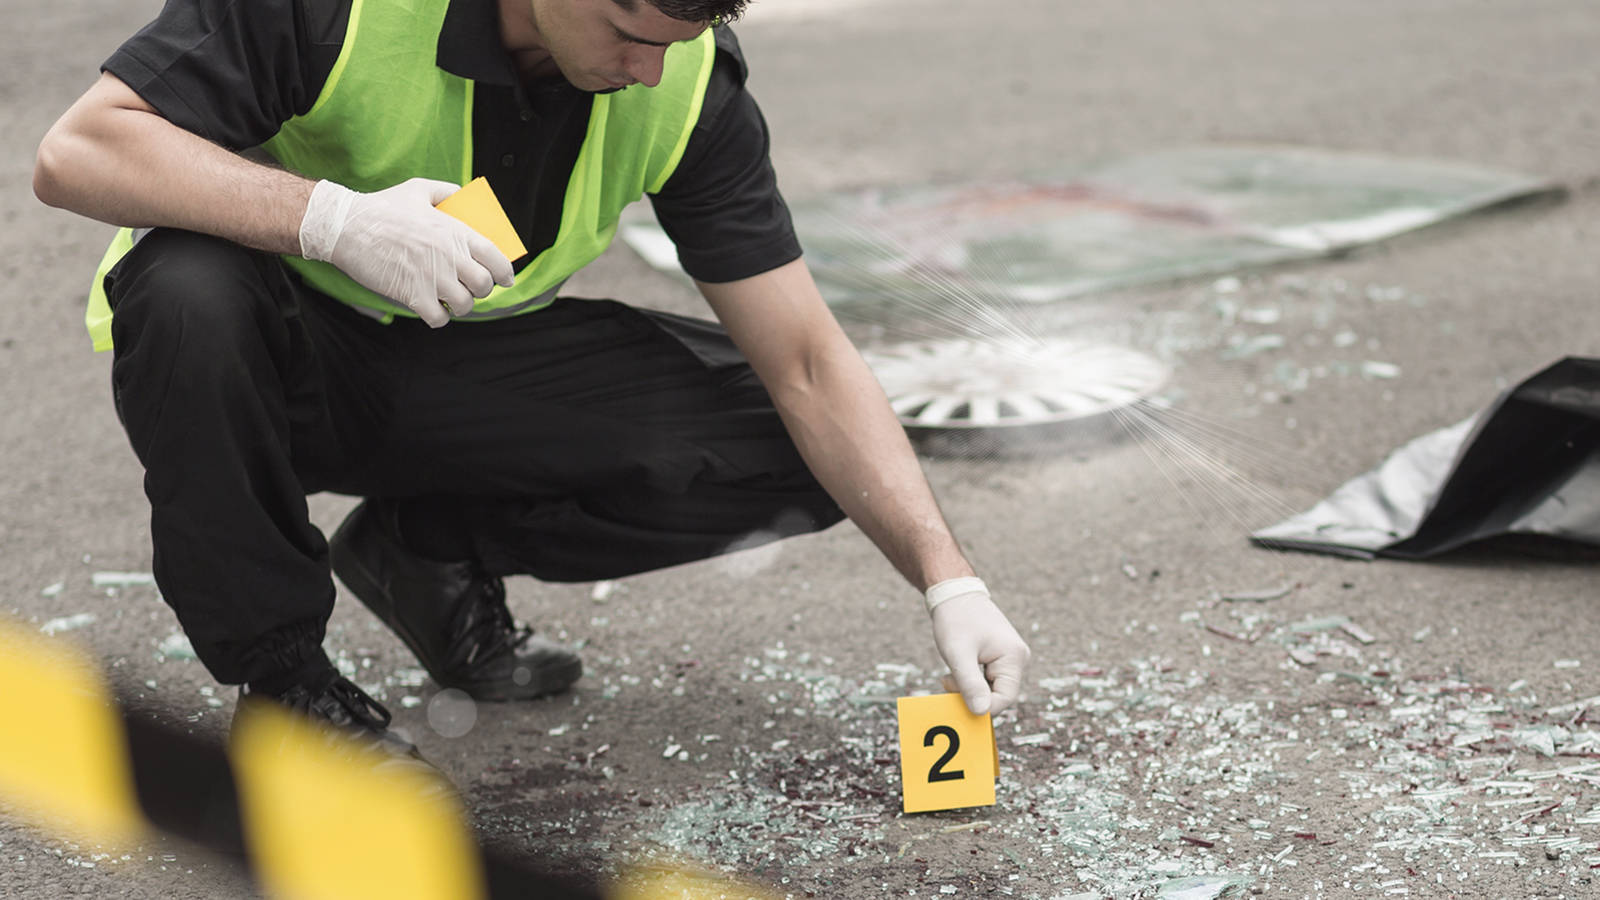 CSI scene